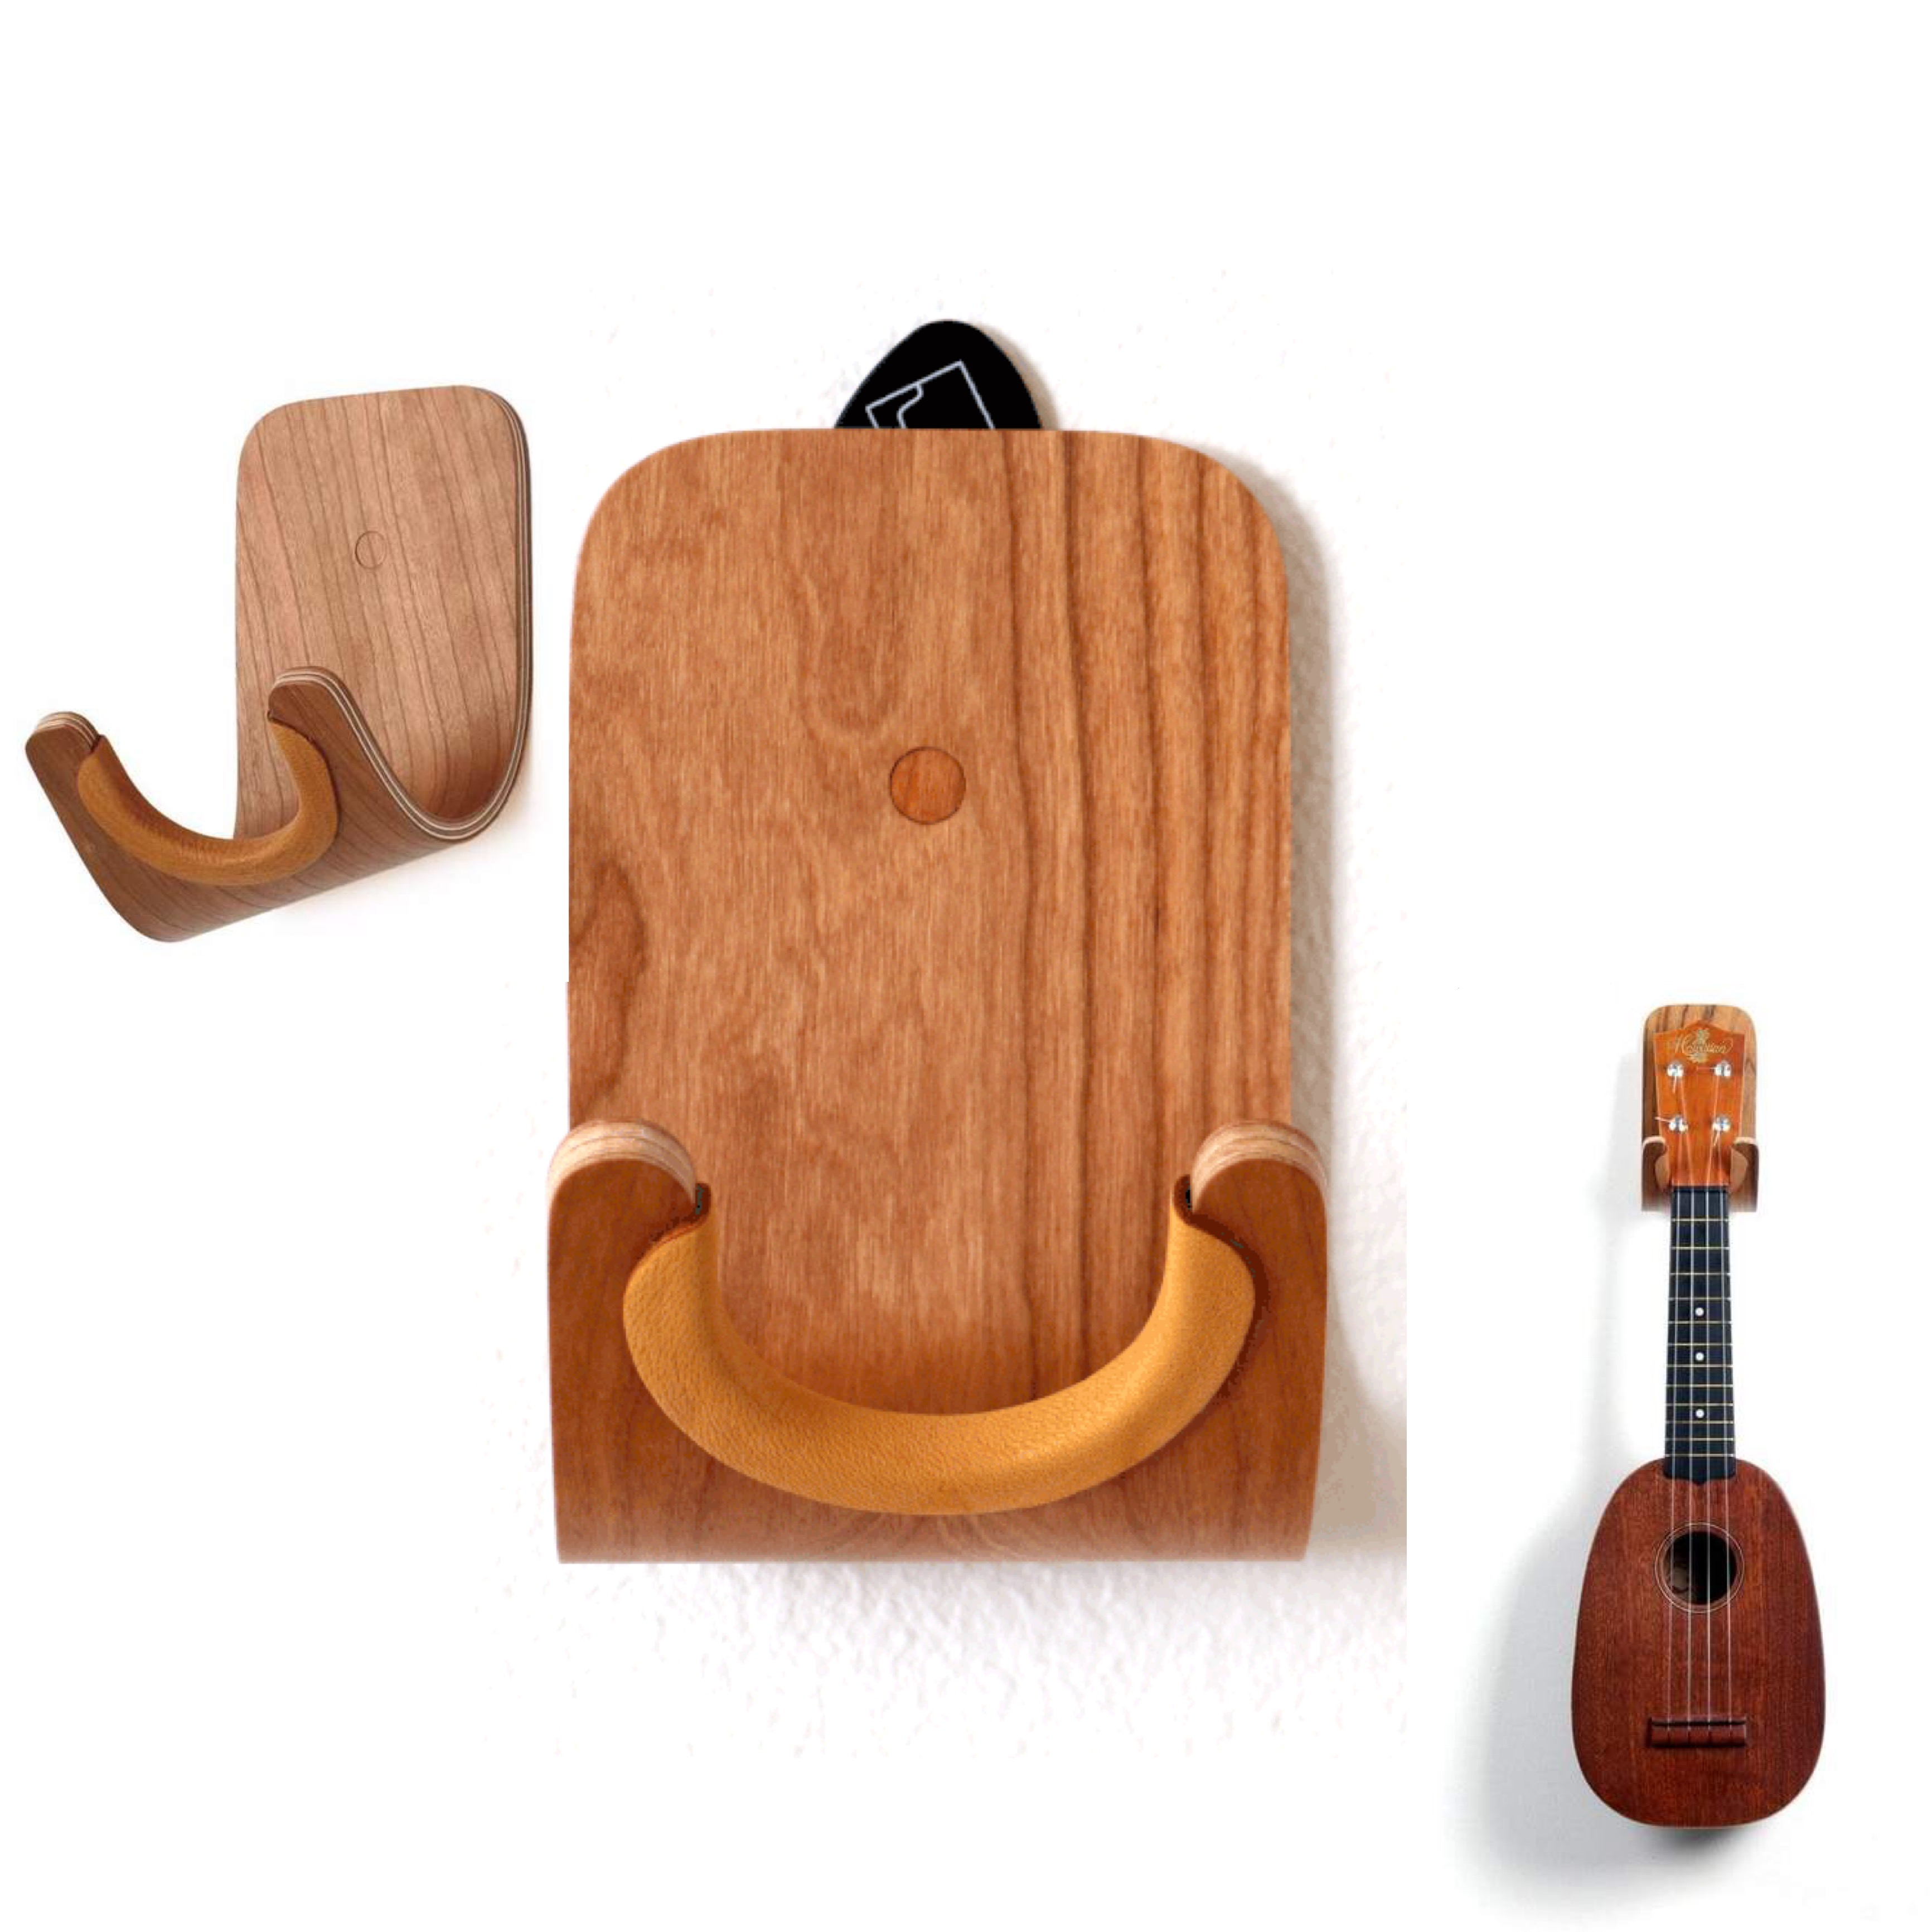 Haltbaren Geformten Sperrholz Wand Montieren Holz Kleiderbügel Ukulele Gitarre Haken